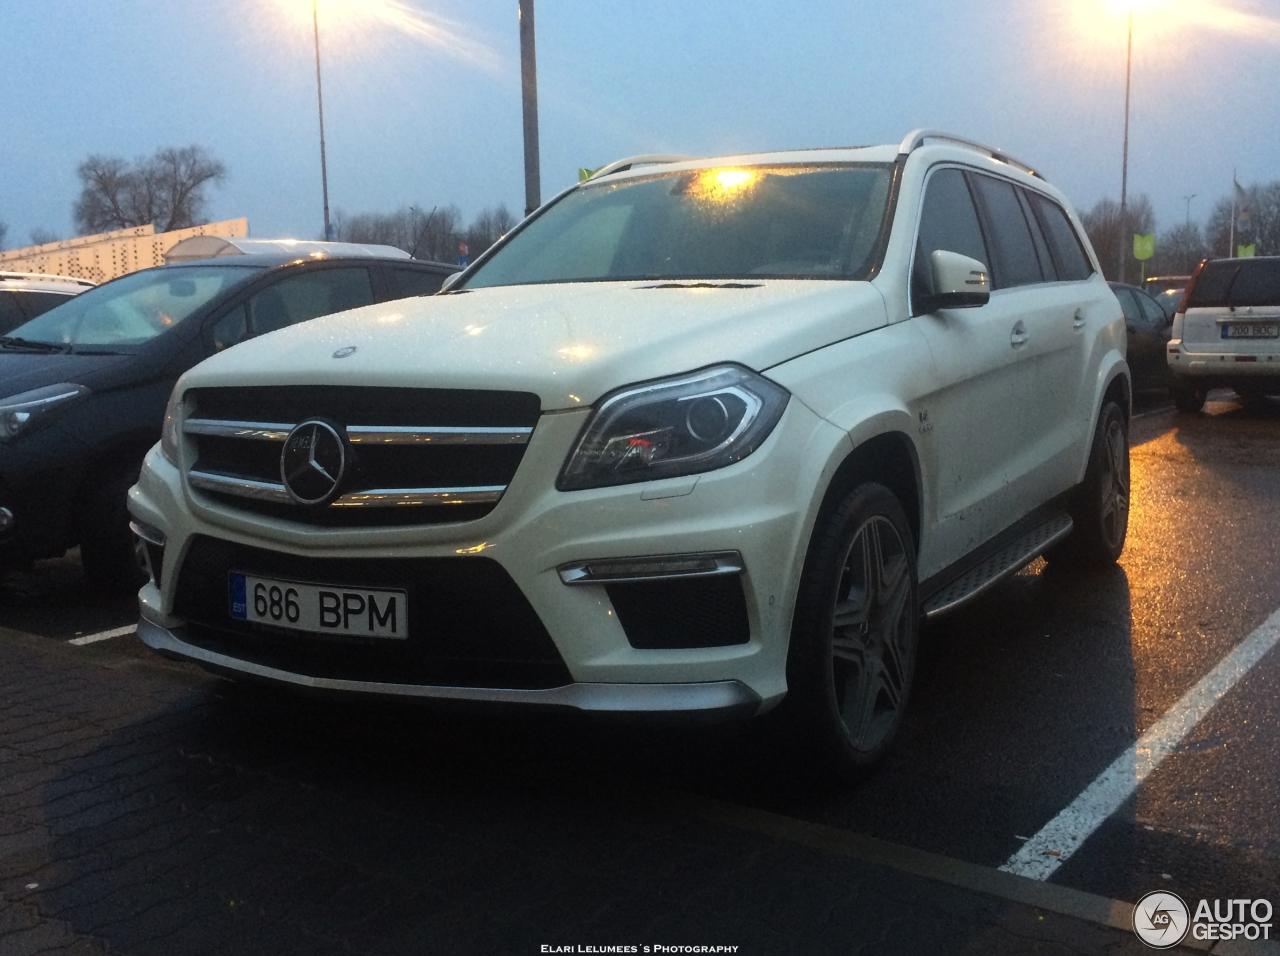 Mercedes benz gl 63 amg x166 21 december 2015 autogespot for Mercedes benz gl amg 2015